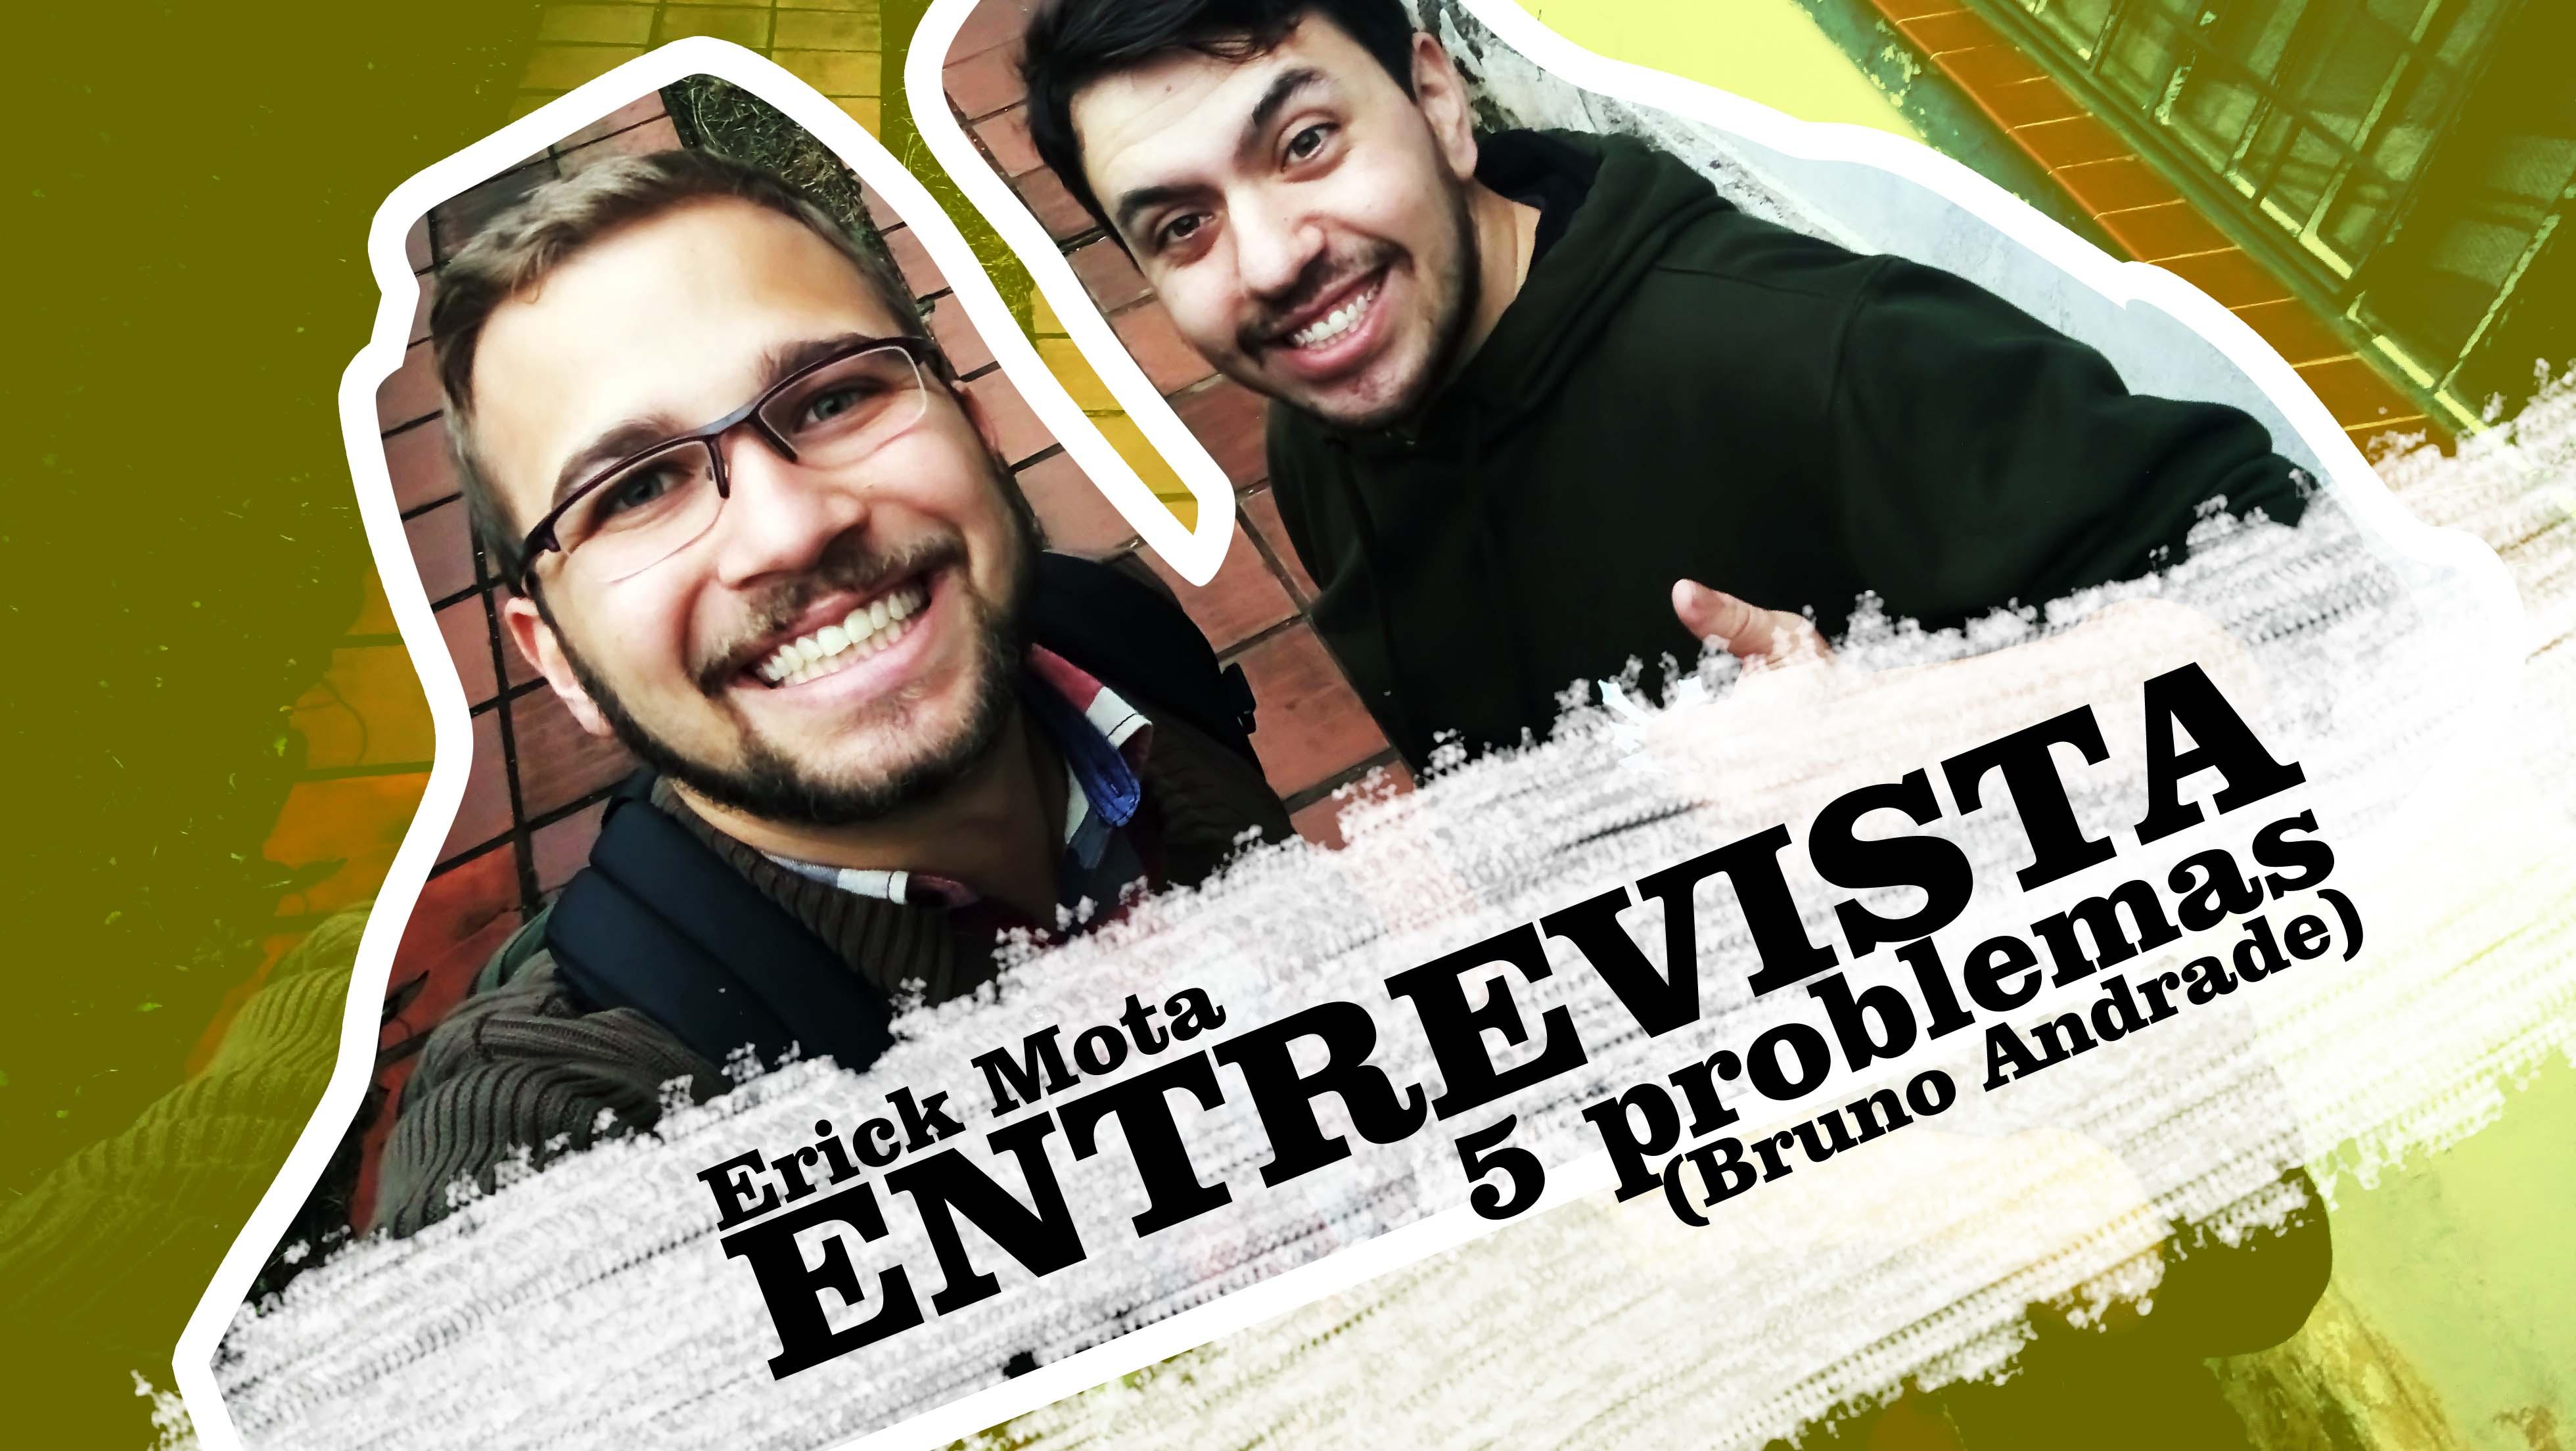 Entrevista | 5 Problemas com Bruno Andrade